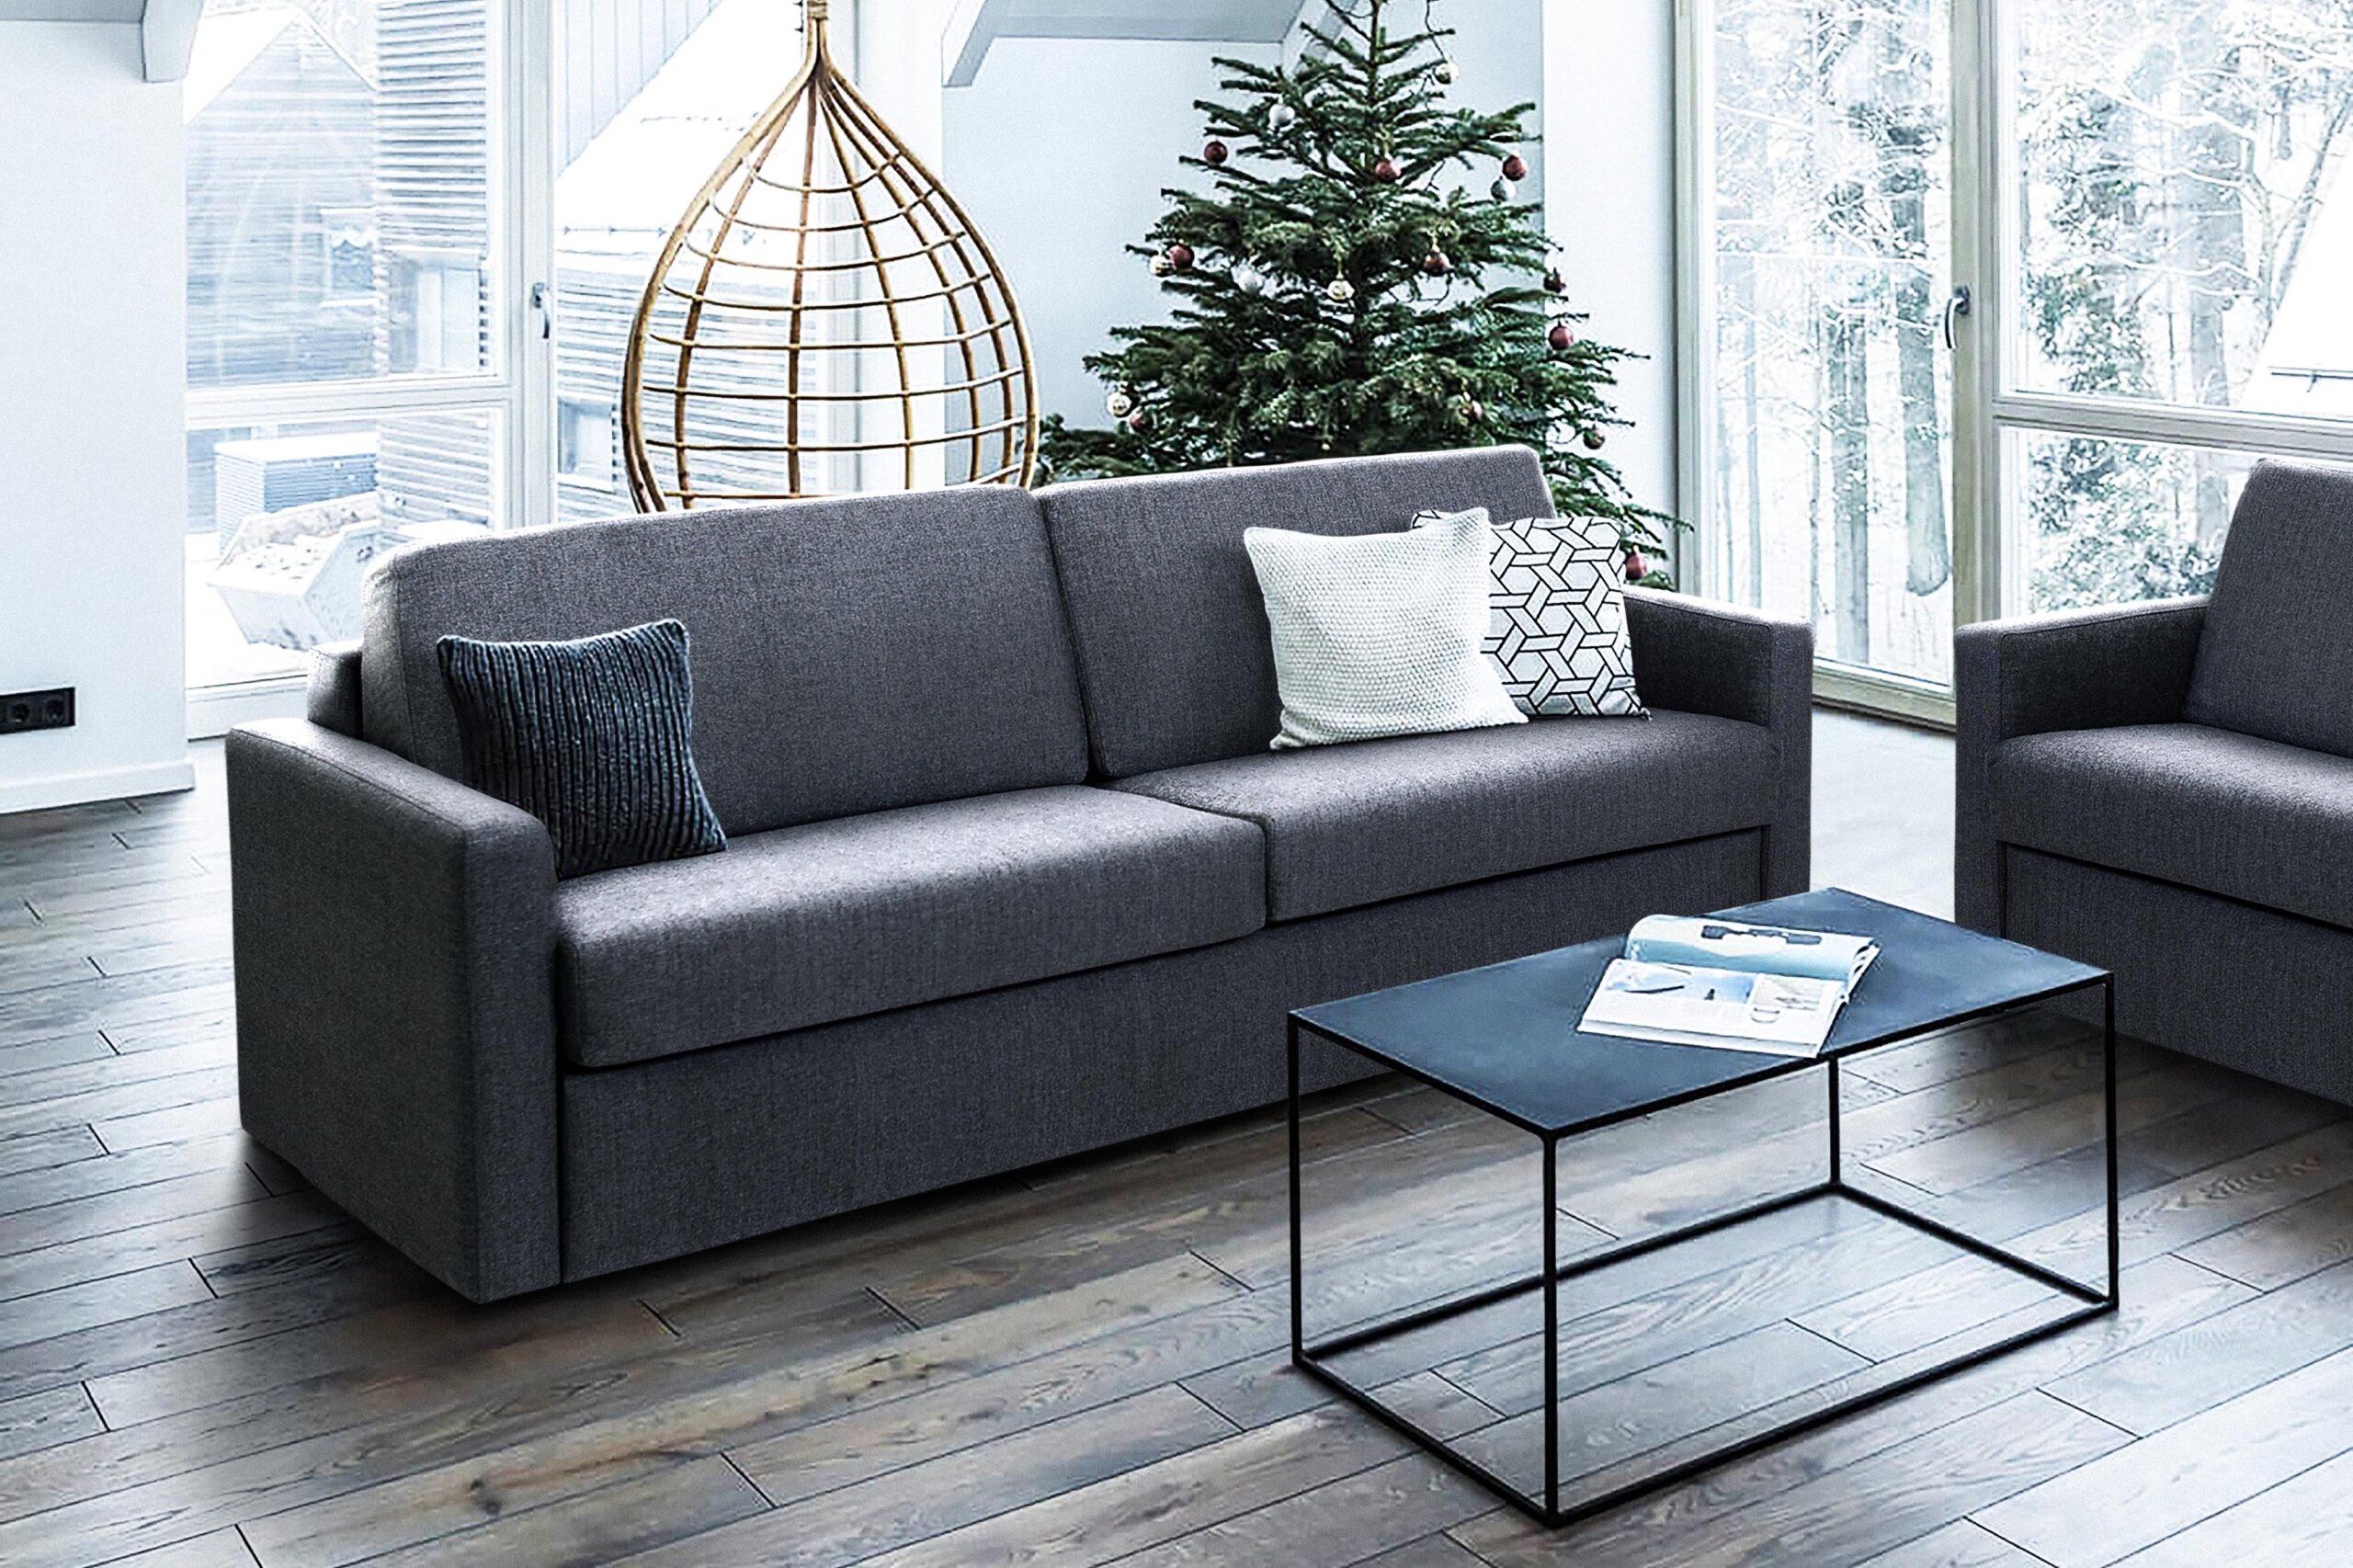 Full Size of Bettsofa Emily Stoff Grau Leicht Ausklappbar Matratze 140x195 Mdv H Bett Ausklappbares Wohnzimmer Couch Ausklappbar